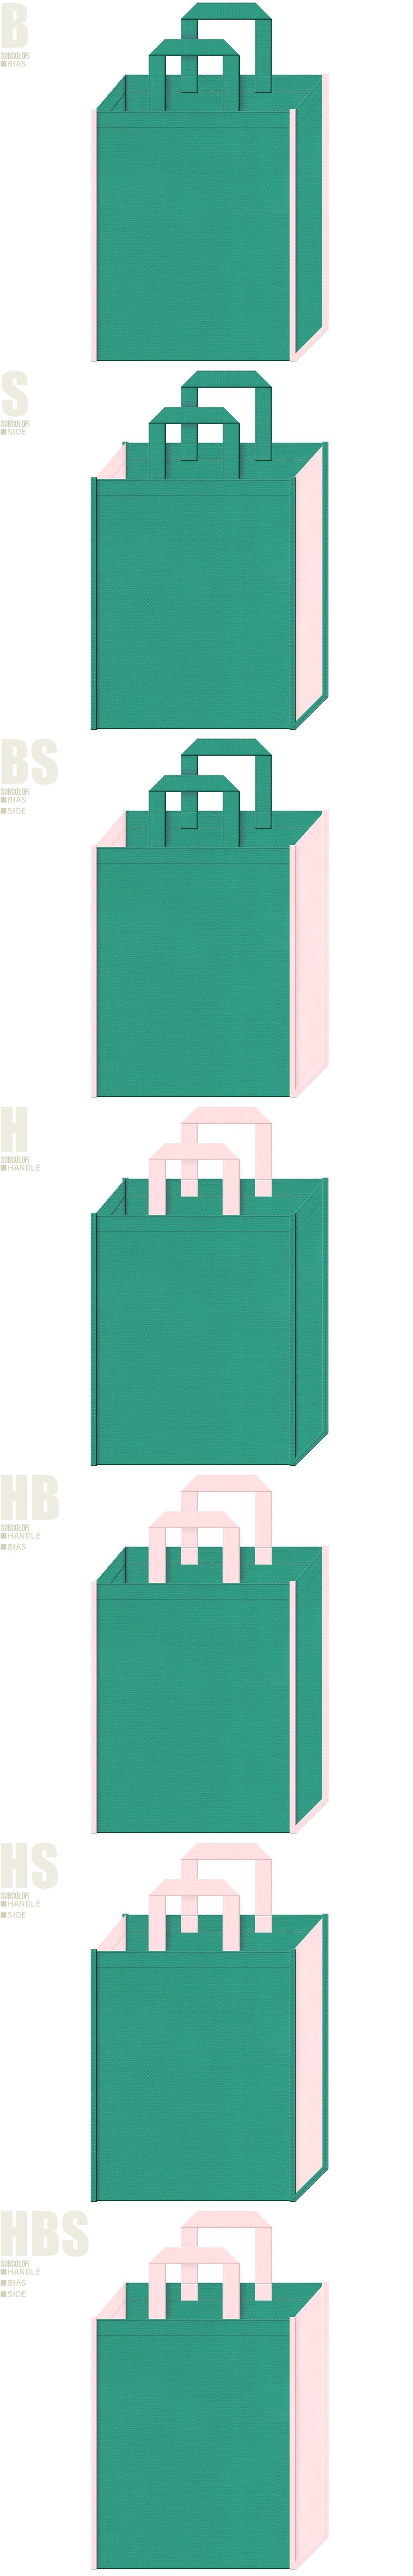 青緑色と桜色、7パターンの不織布トートバッグ配色デザイン例。